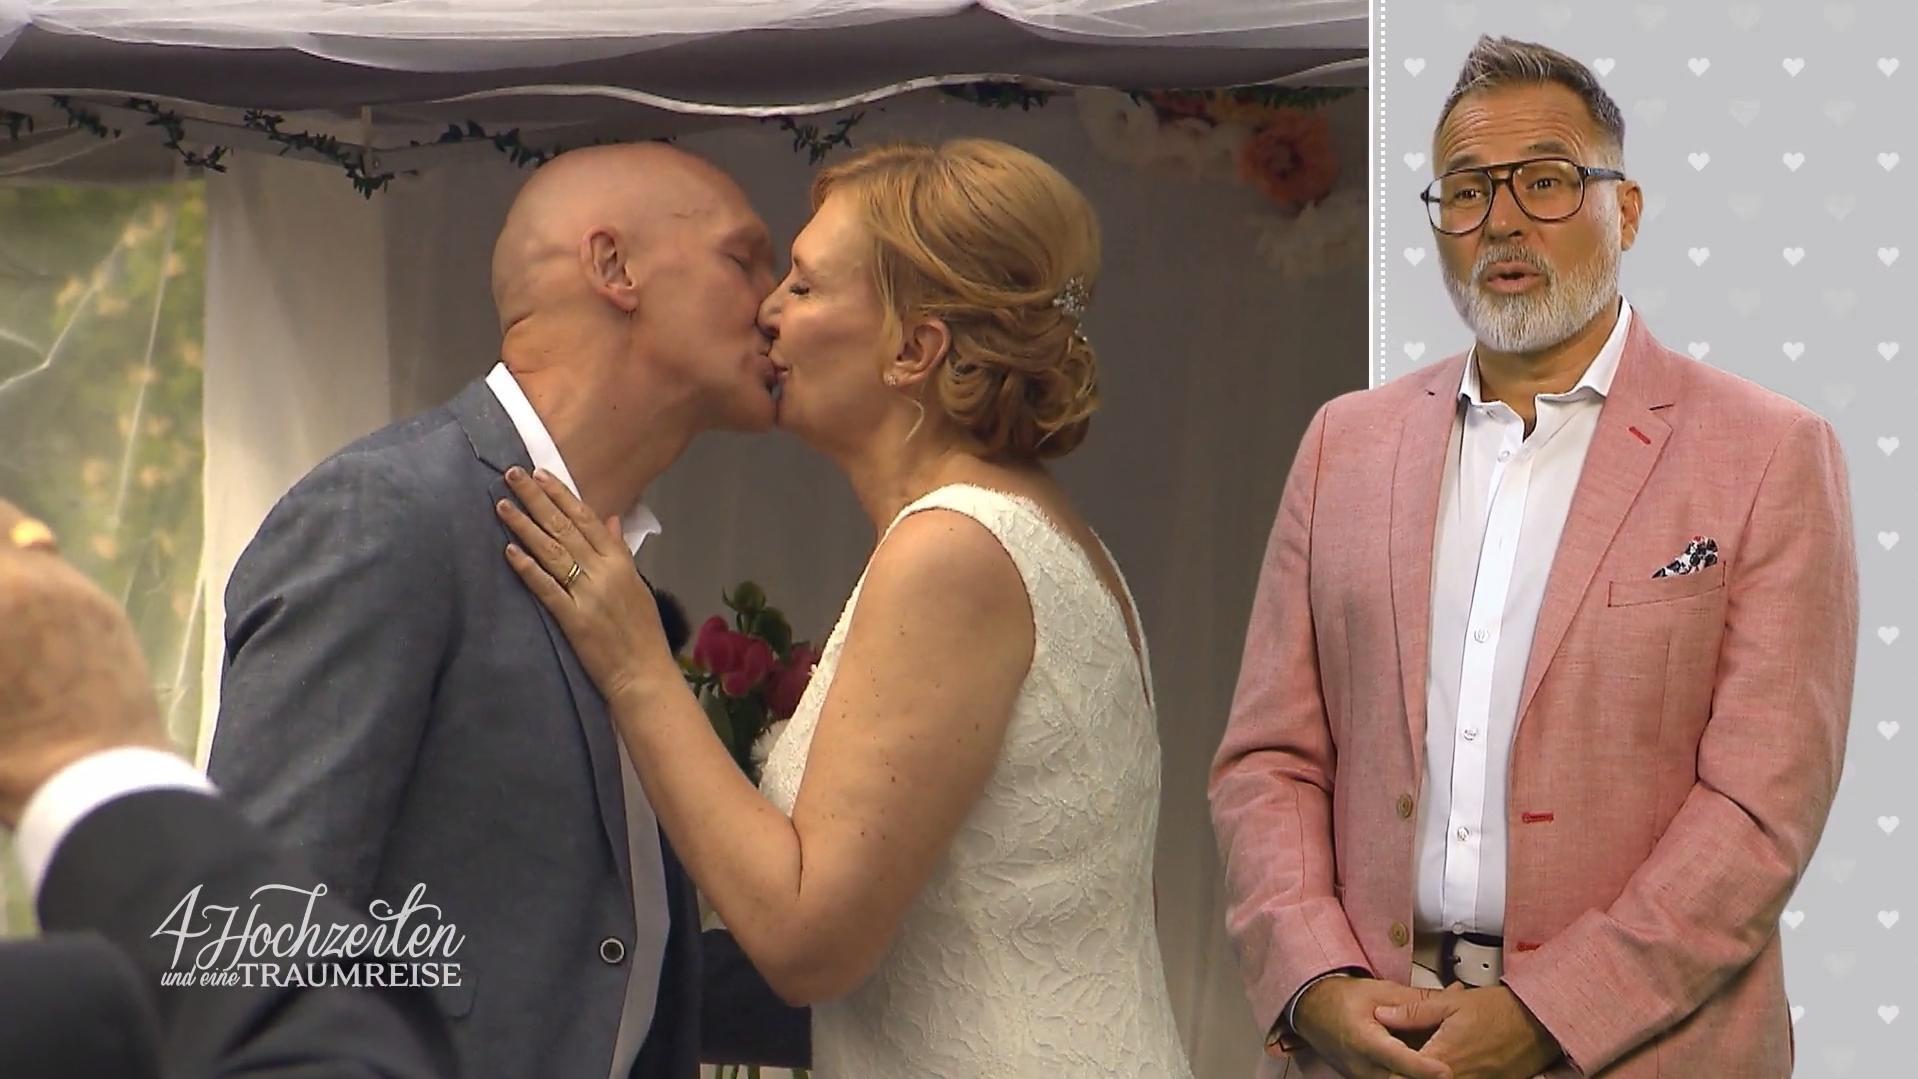 4 Hochzeiten Und Eine Traumreise Diese Hochzeitsrede Geht